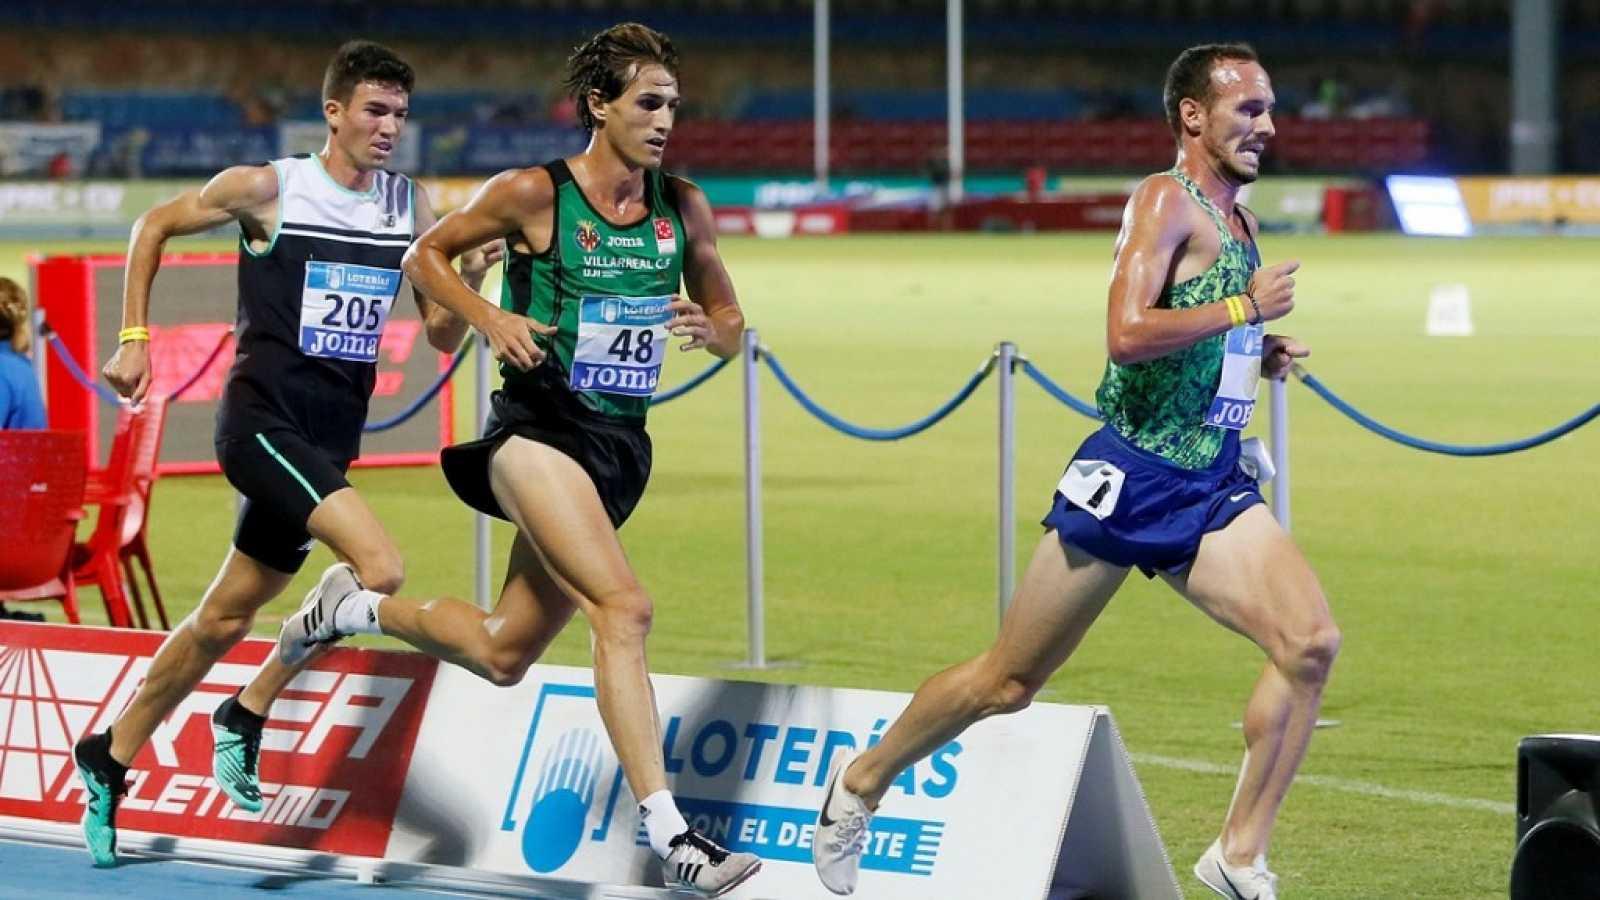 Atletismo - Campeonato de España Absoluto Sesión vespertina -  ver ahora